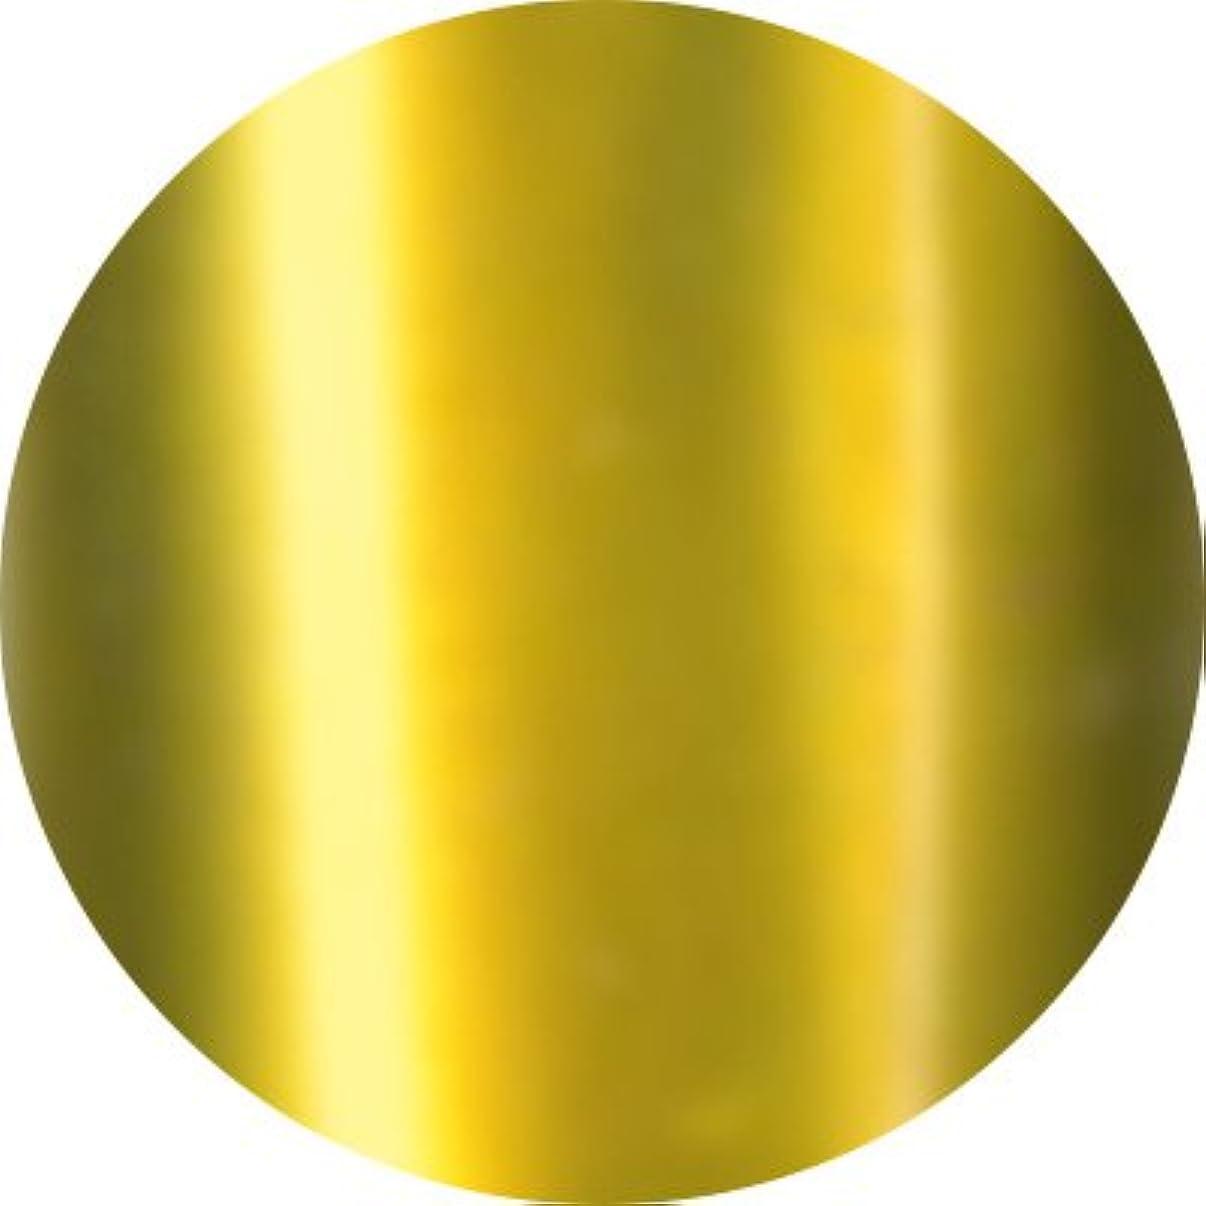 ご予約慎重タンクJewelry jel(ジュエリージェル) カラージェル 5ml<BR>ピッカピカメタリック MKゴールド